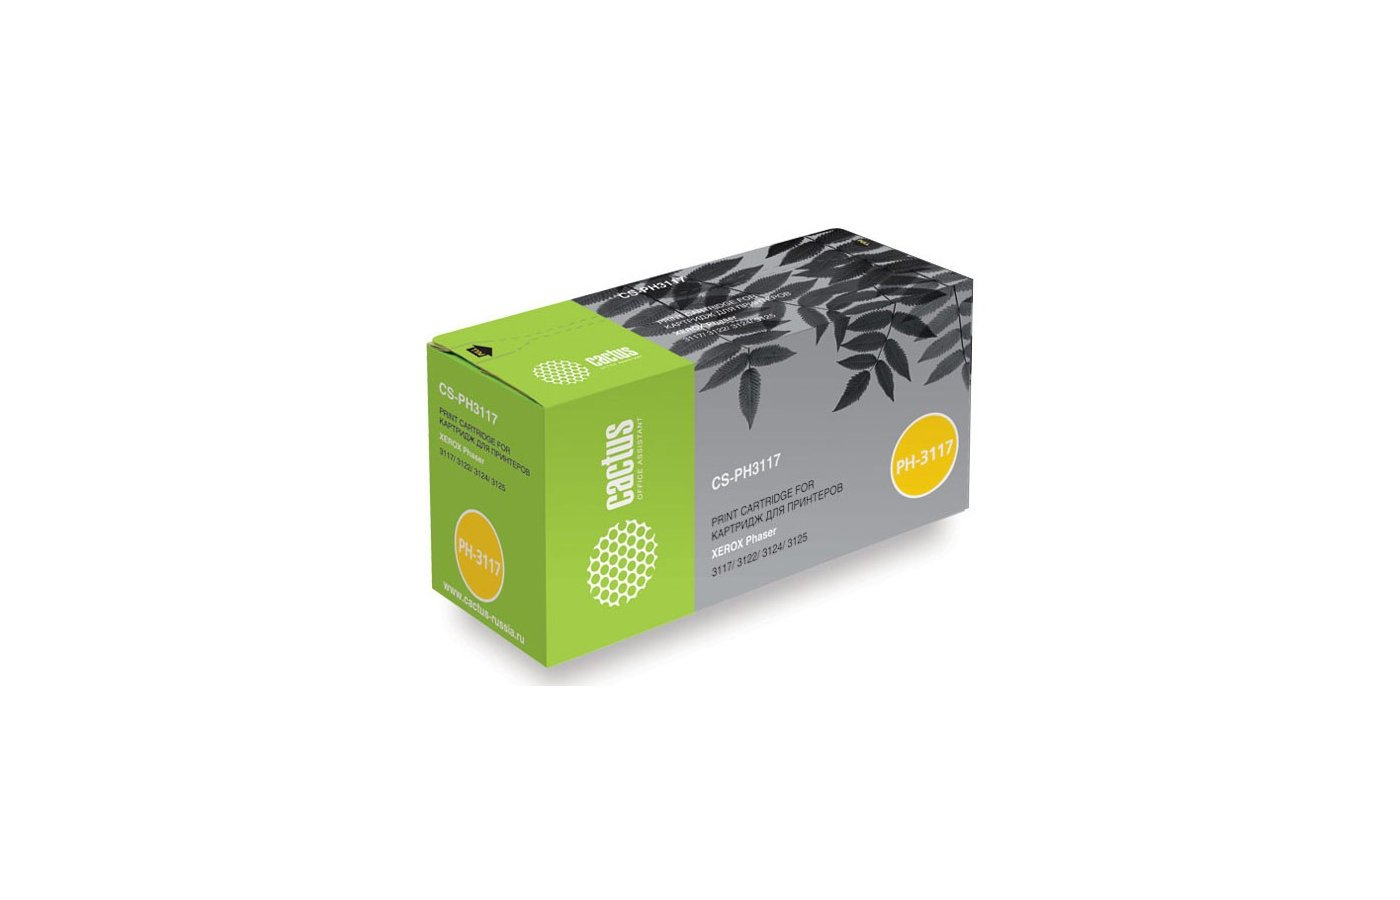 Картридж лазерный Cactus CS-PH3117 (106R01159) совместимый черный для Xerox Phaser 3117 3122 3124 3125 (3000стр.)